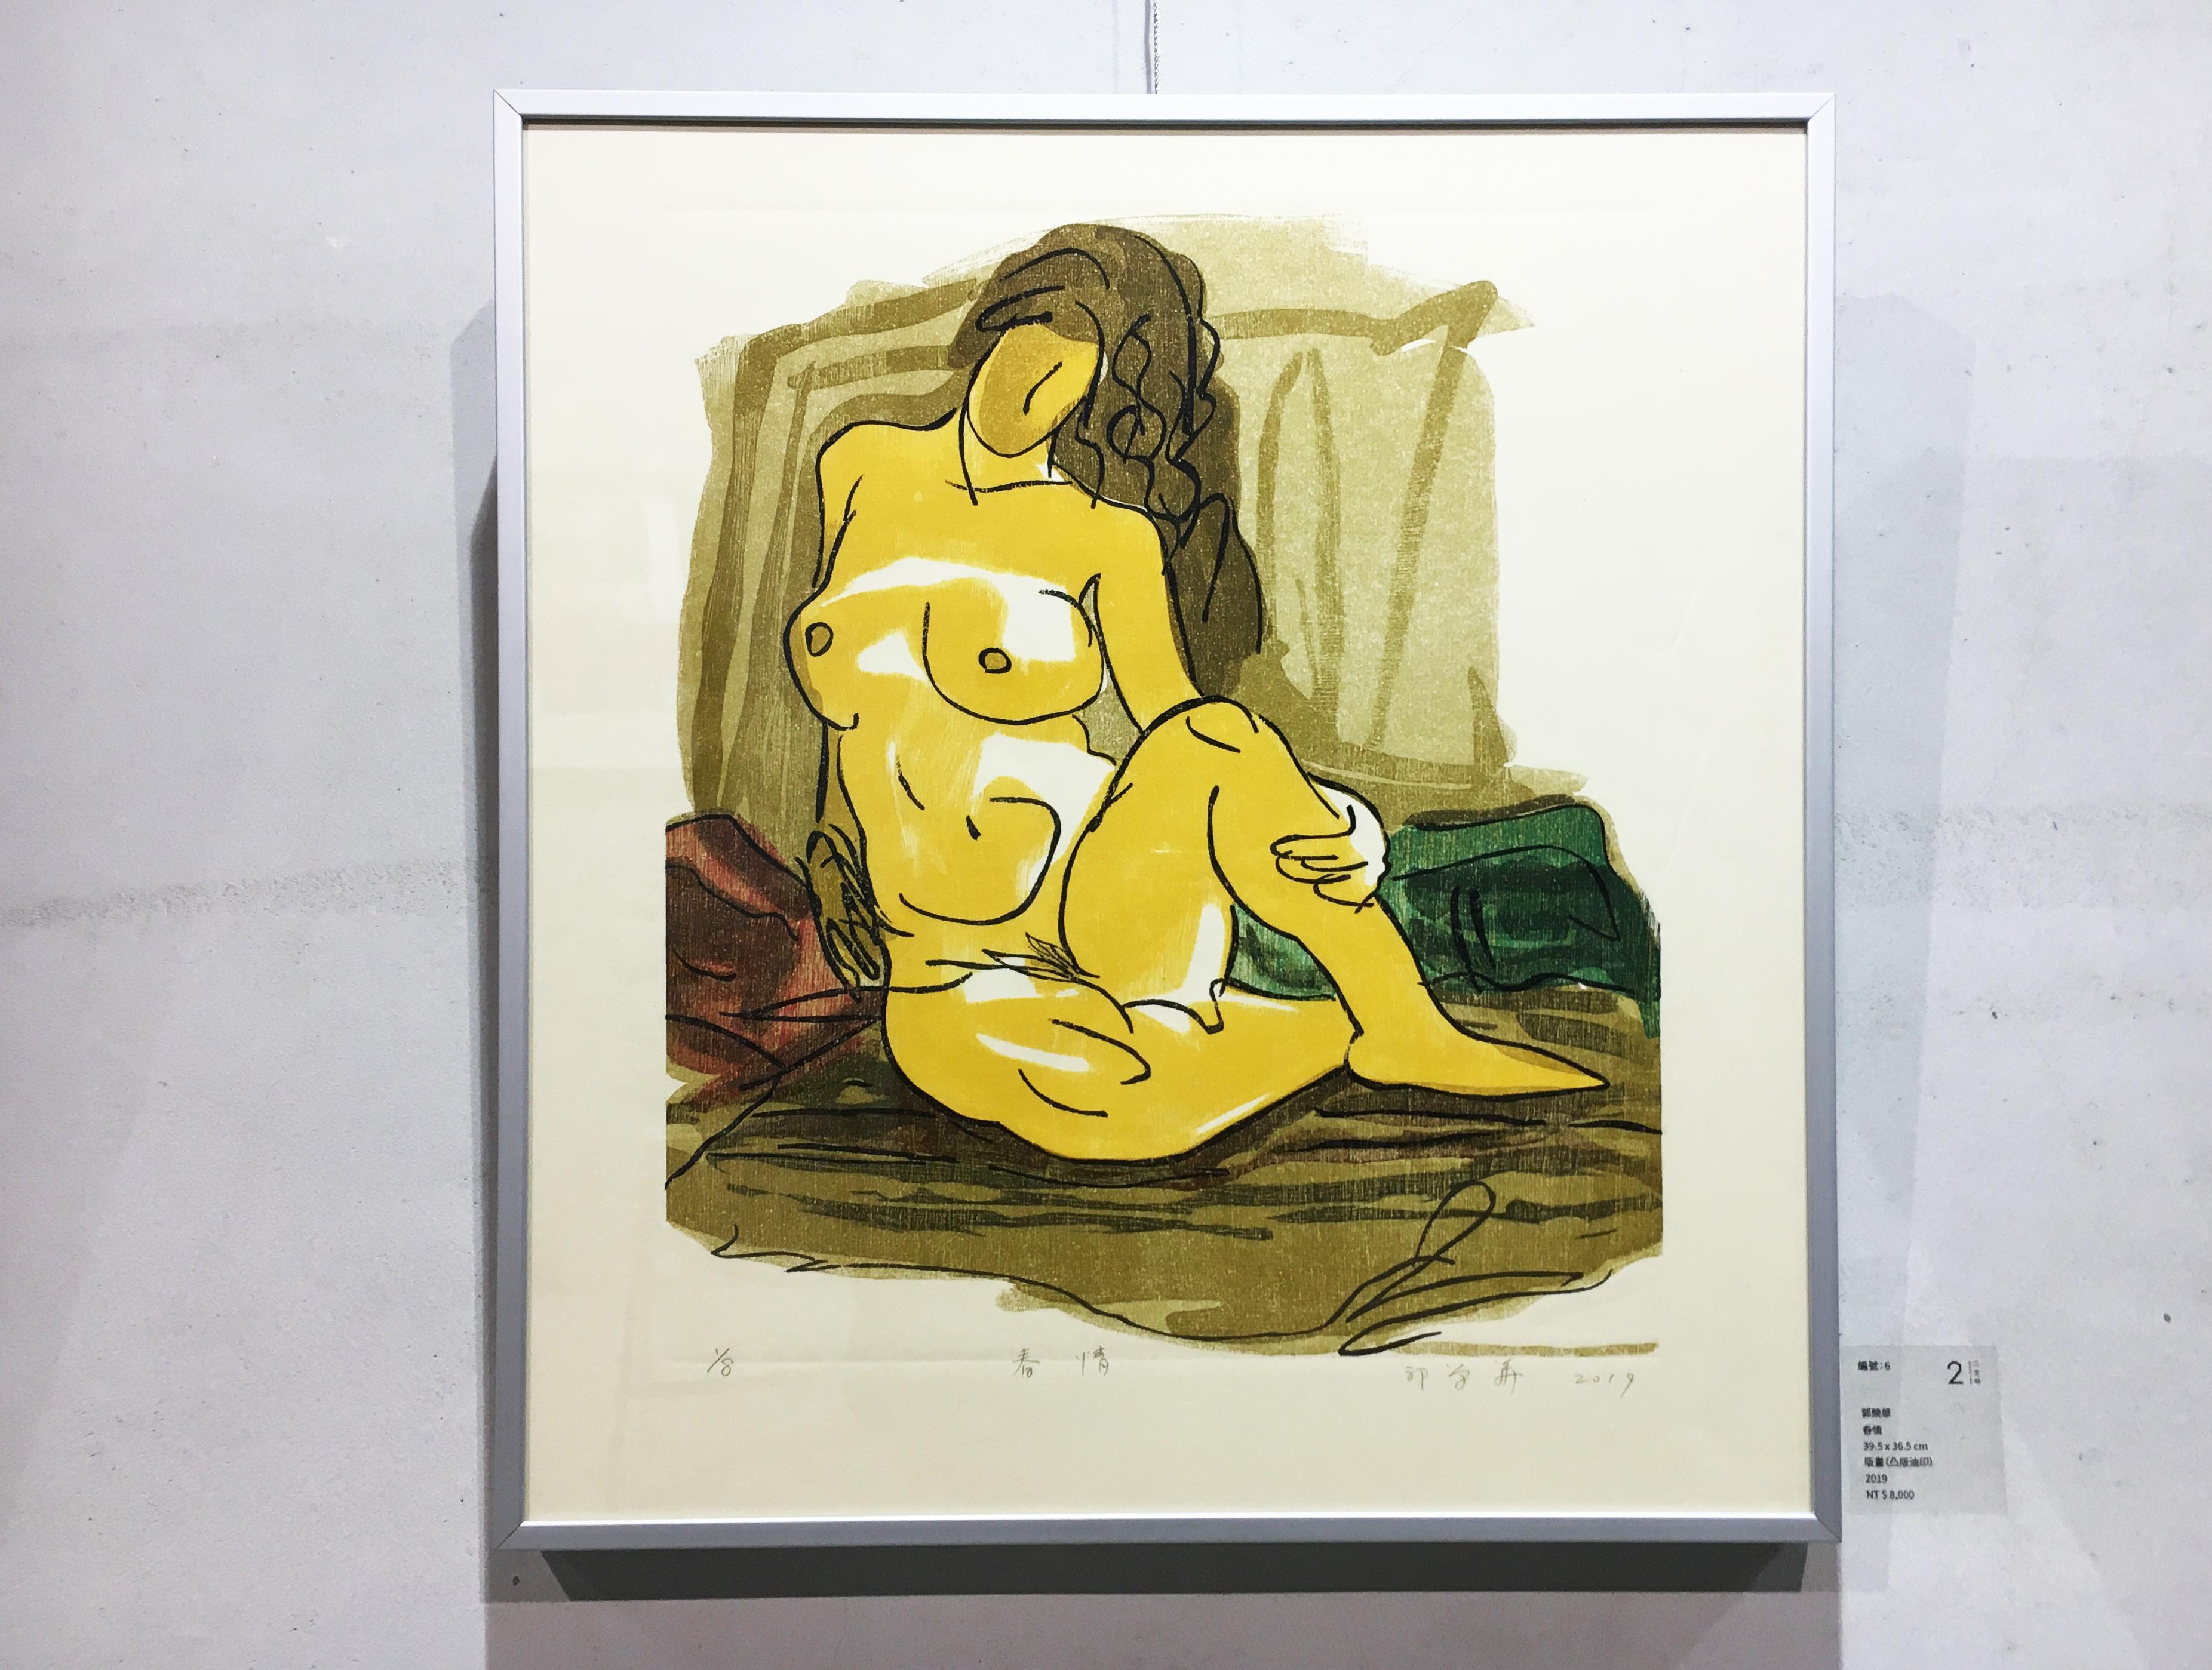 郭榮華,《春情》,39.5 X 36.5 cm,版畫(凸版油印),2019。